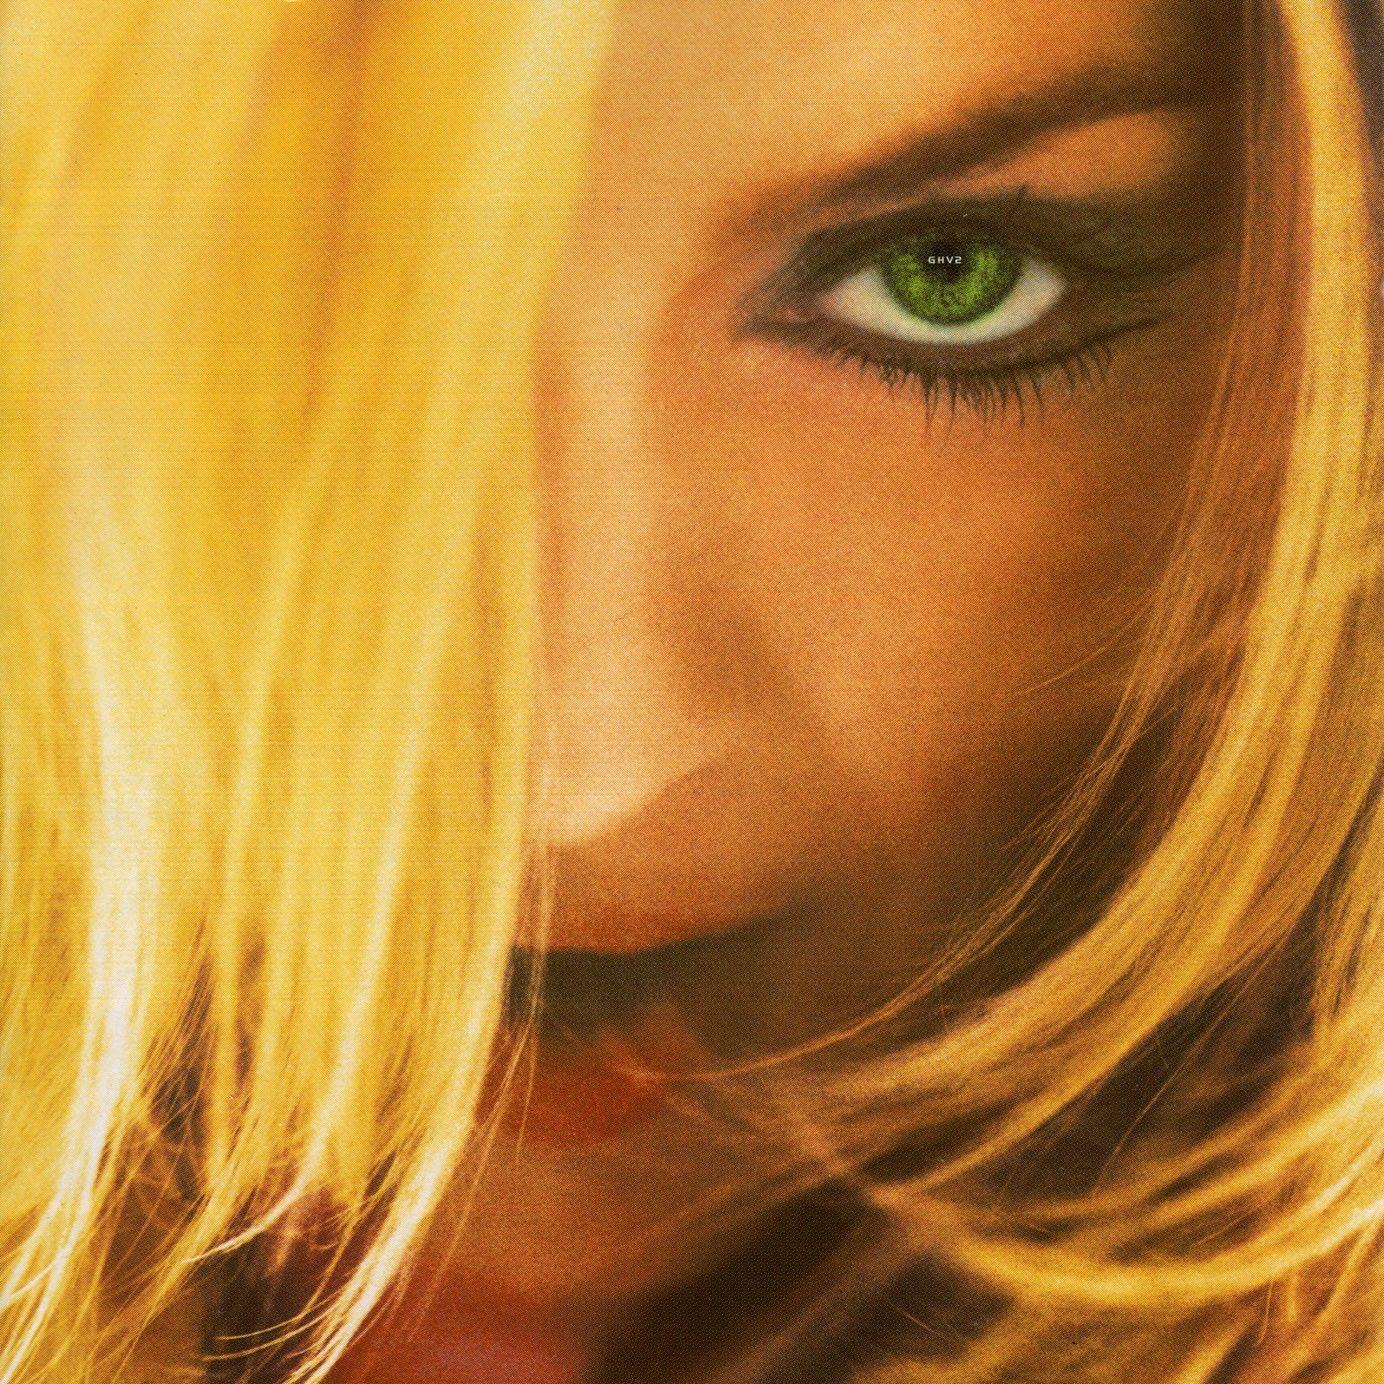 Madonna - Ghv2 album cover